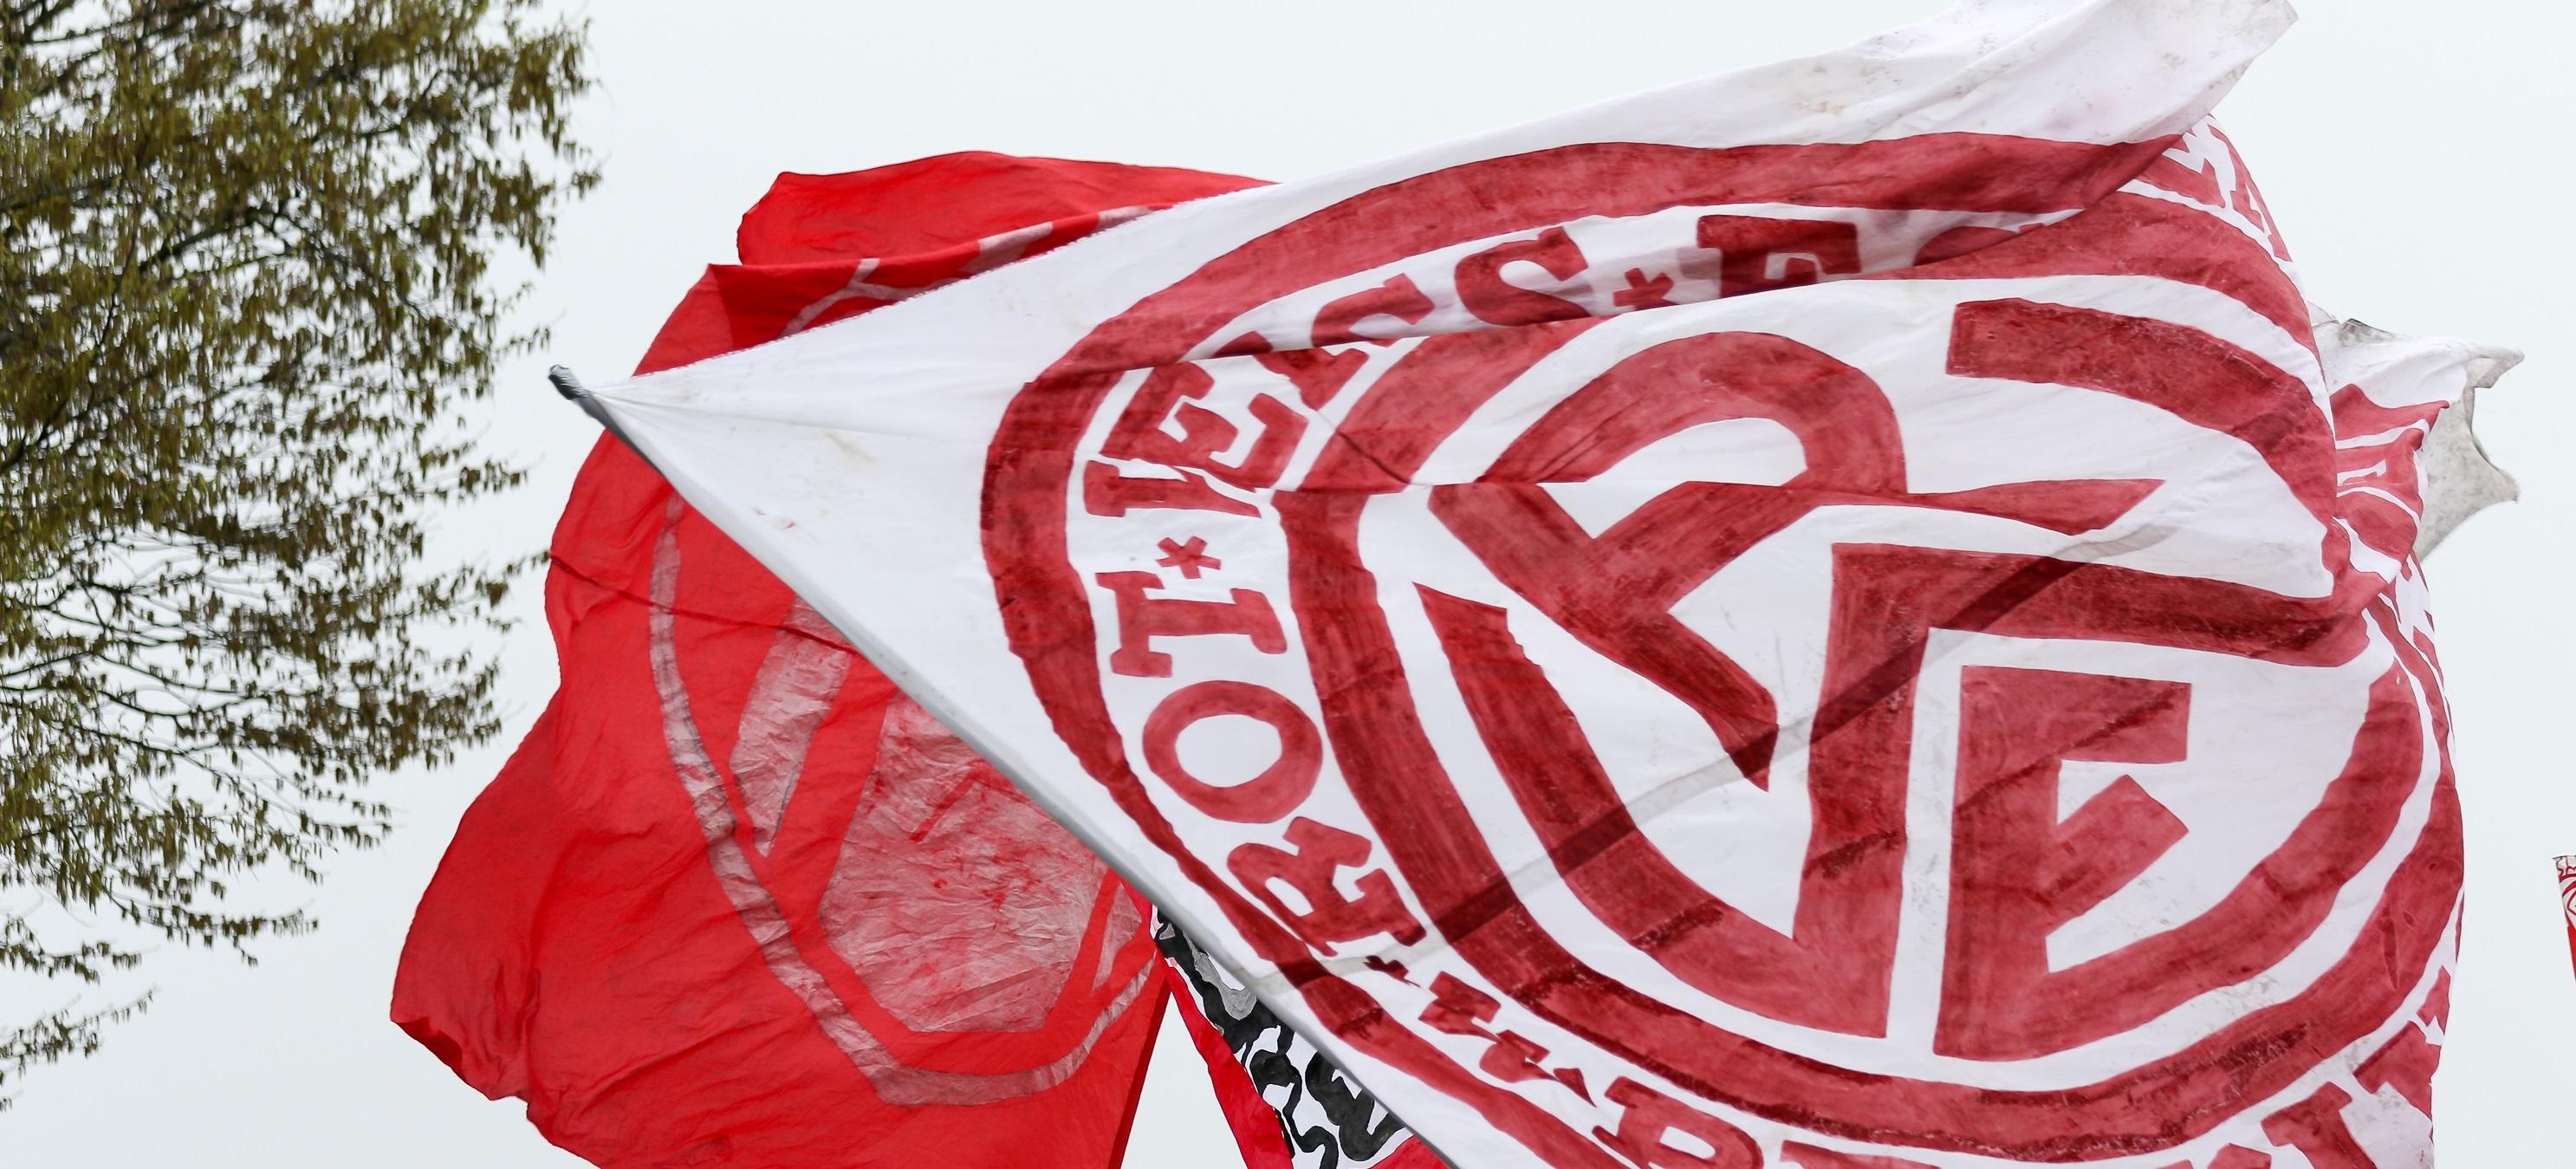 Das nächste Auswärtsspiel führt die Rot-Weissen ins Mönchengladbacher Grenzlandstadion. (Foto: Endberg)